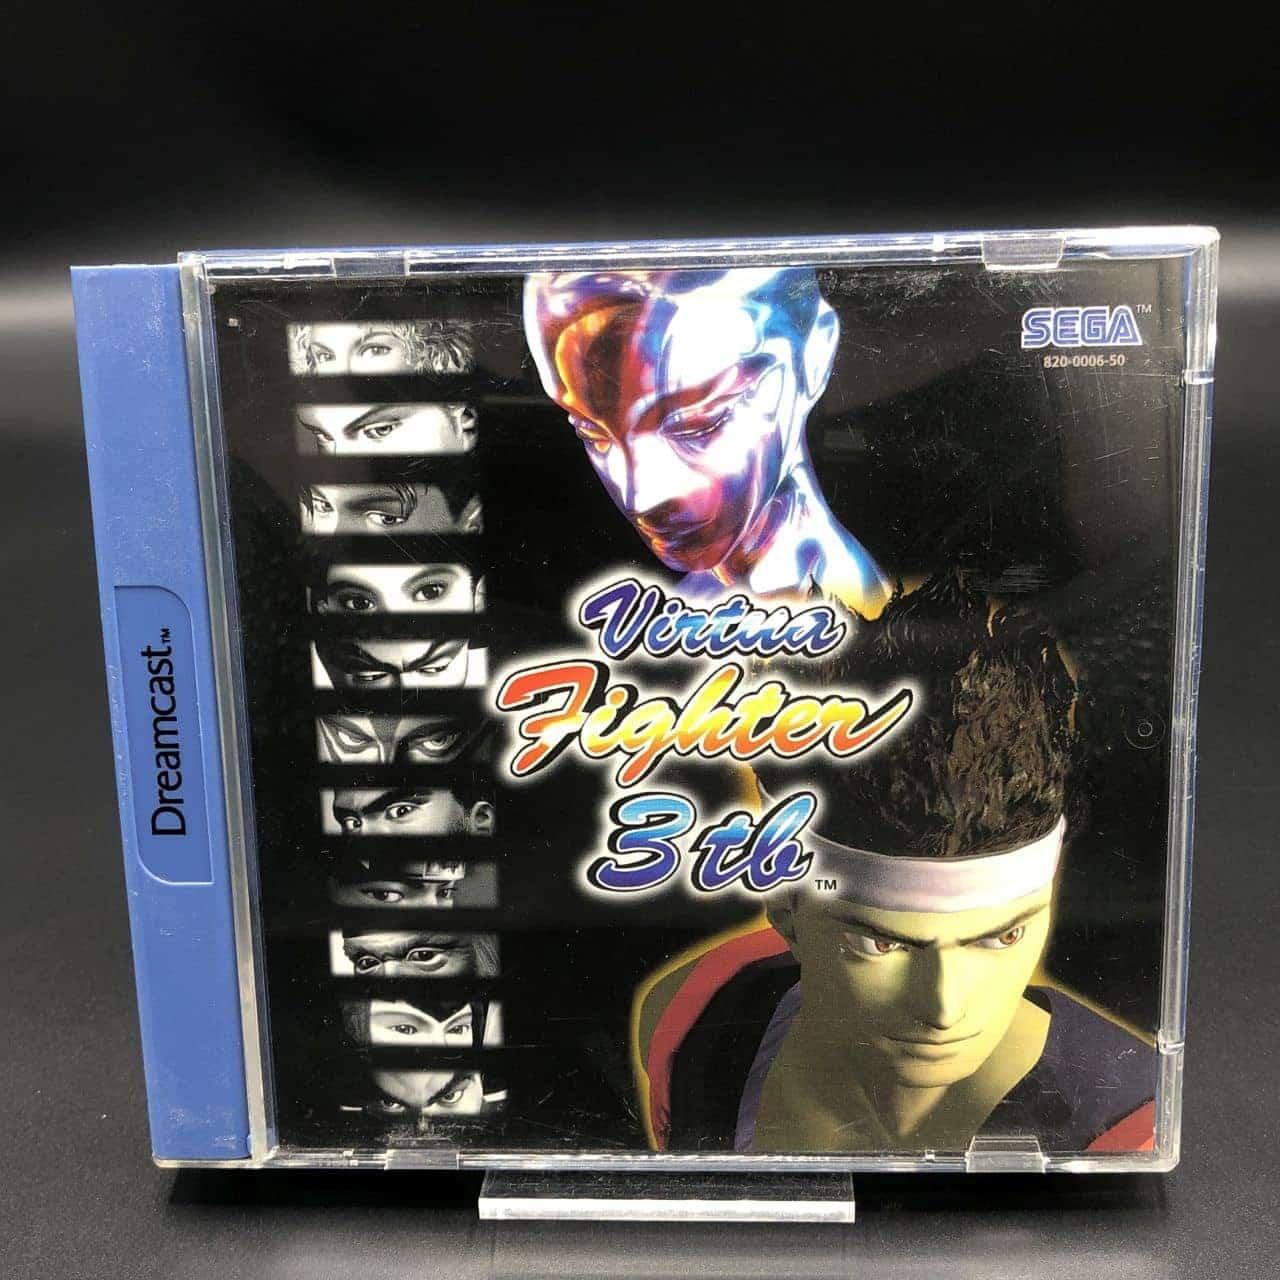 Virtua Fighter 3tb (Komplett) (Gut) Sega Dreamcast